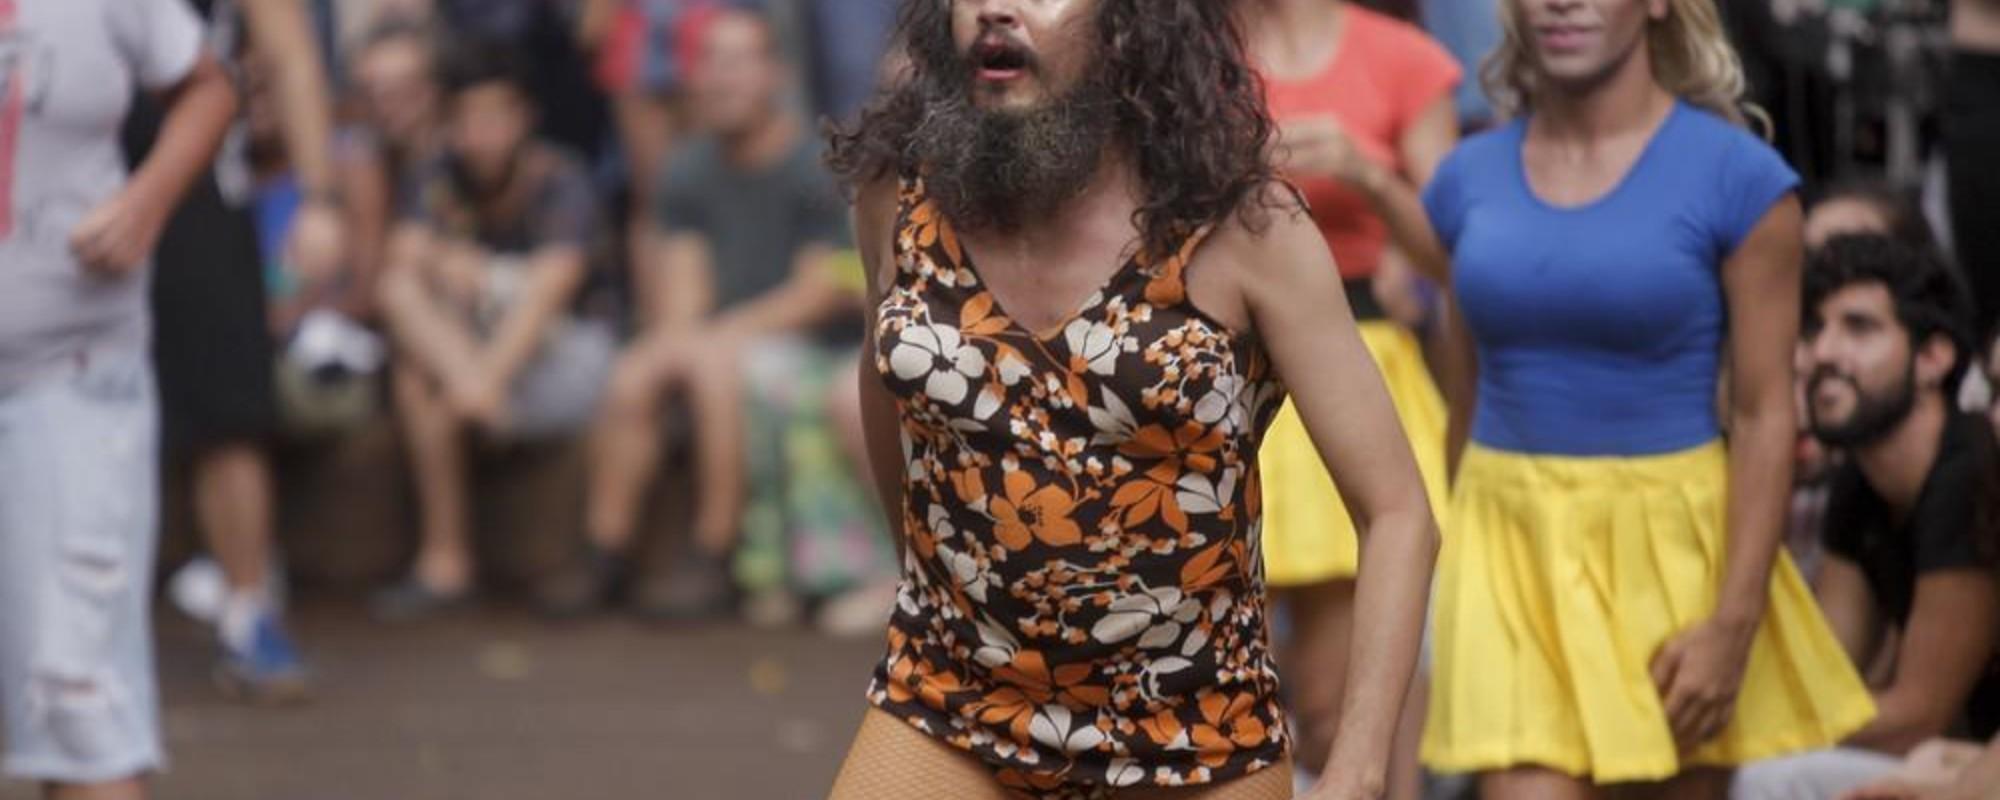 Fotos de un campeonato de quemados drag en Brasil